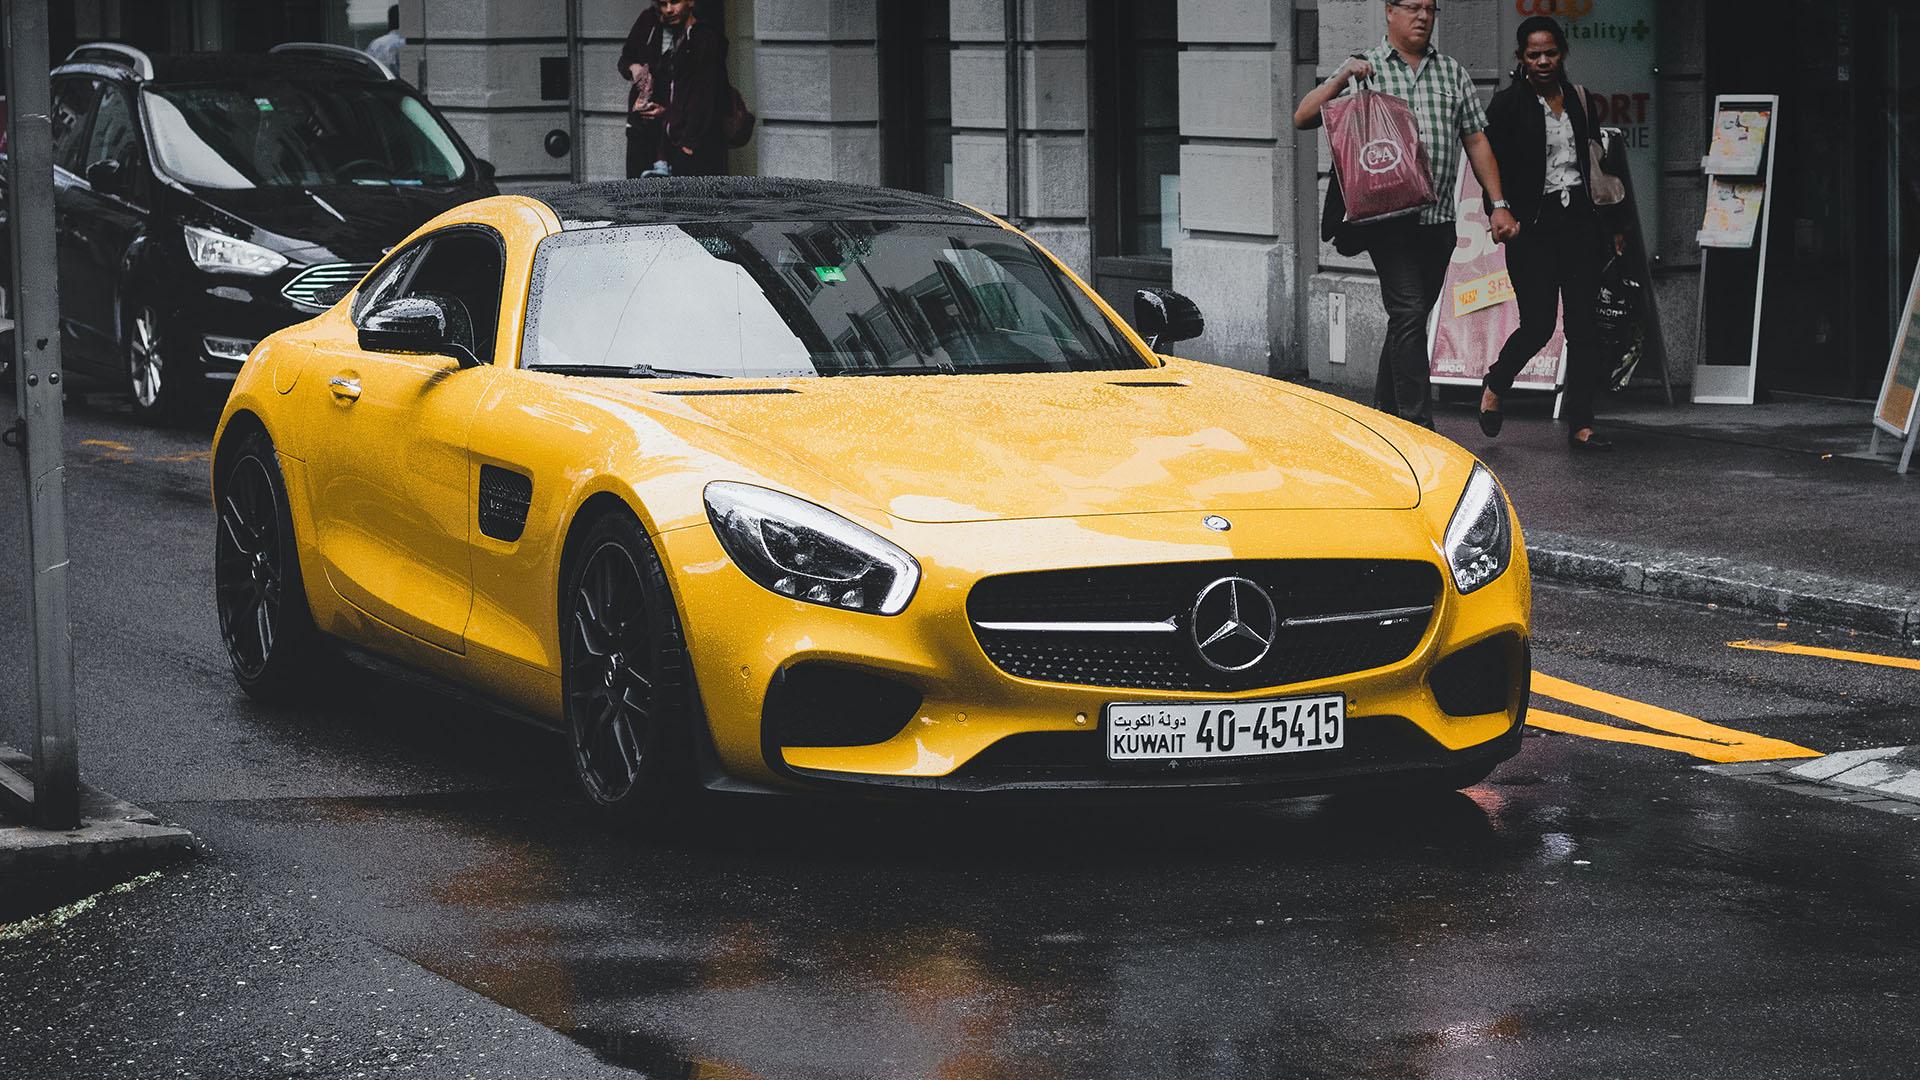 Bir Araba Olsaydın, Hangi Araba Markası Olurdun